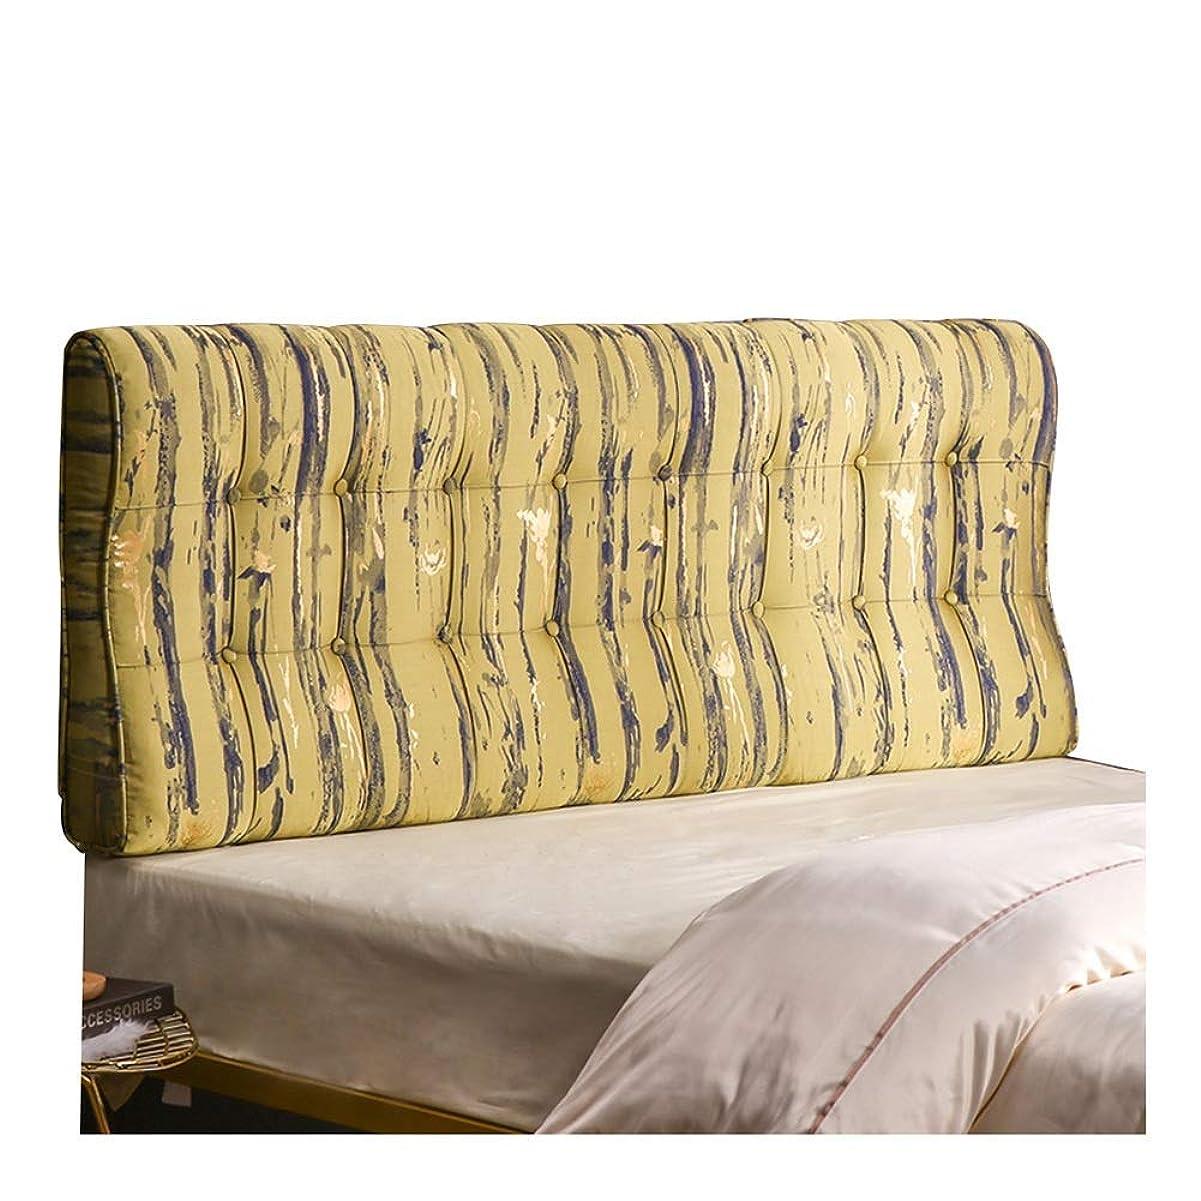 枕発掘する年次WZB背もたれシンプル居心地の良いベッドライニング腰椎を保護設置が簡単、4サイズ、2色(色:A-黄色、サイズ:150X66X12cm)